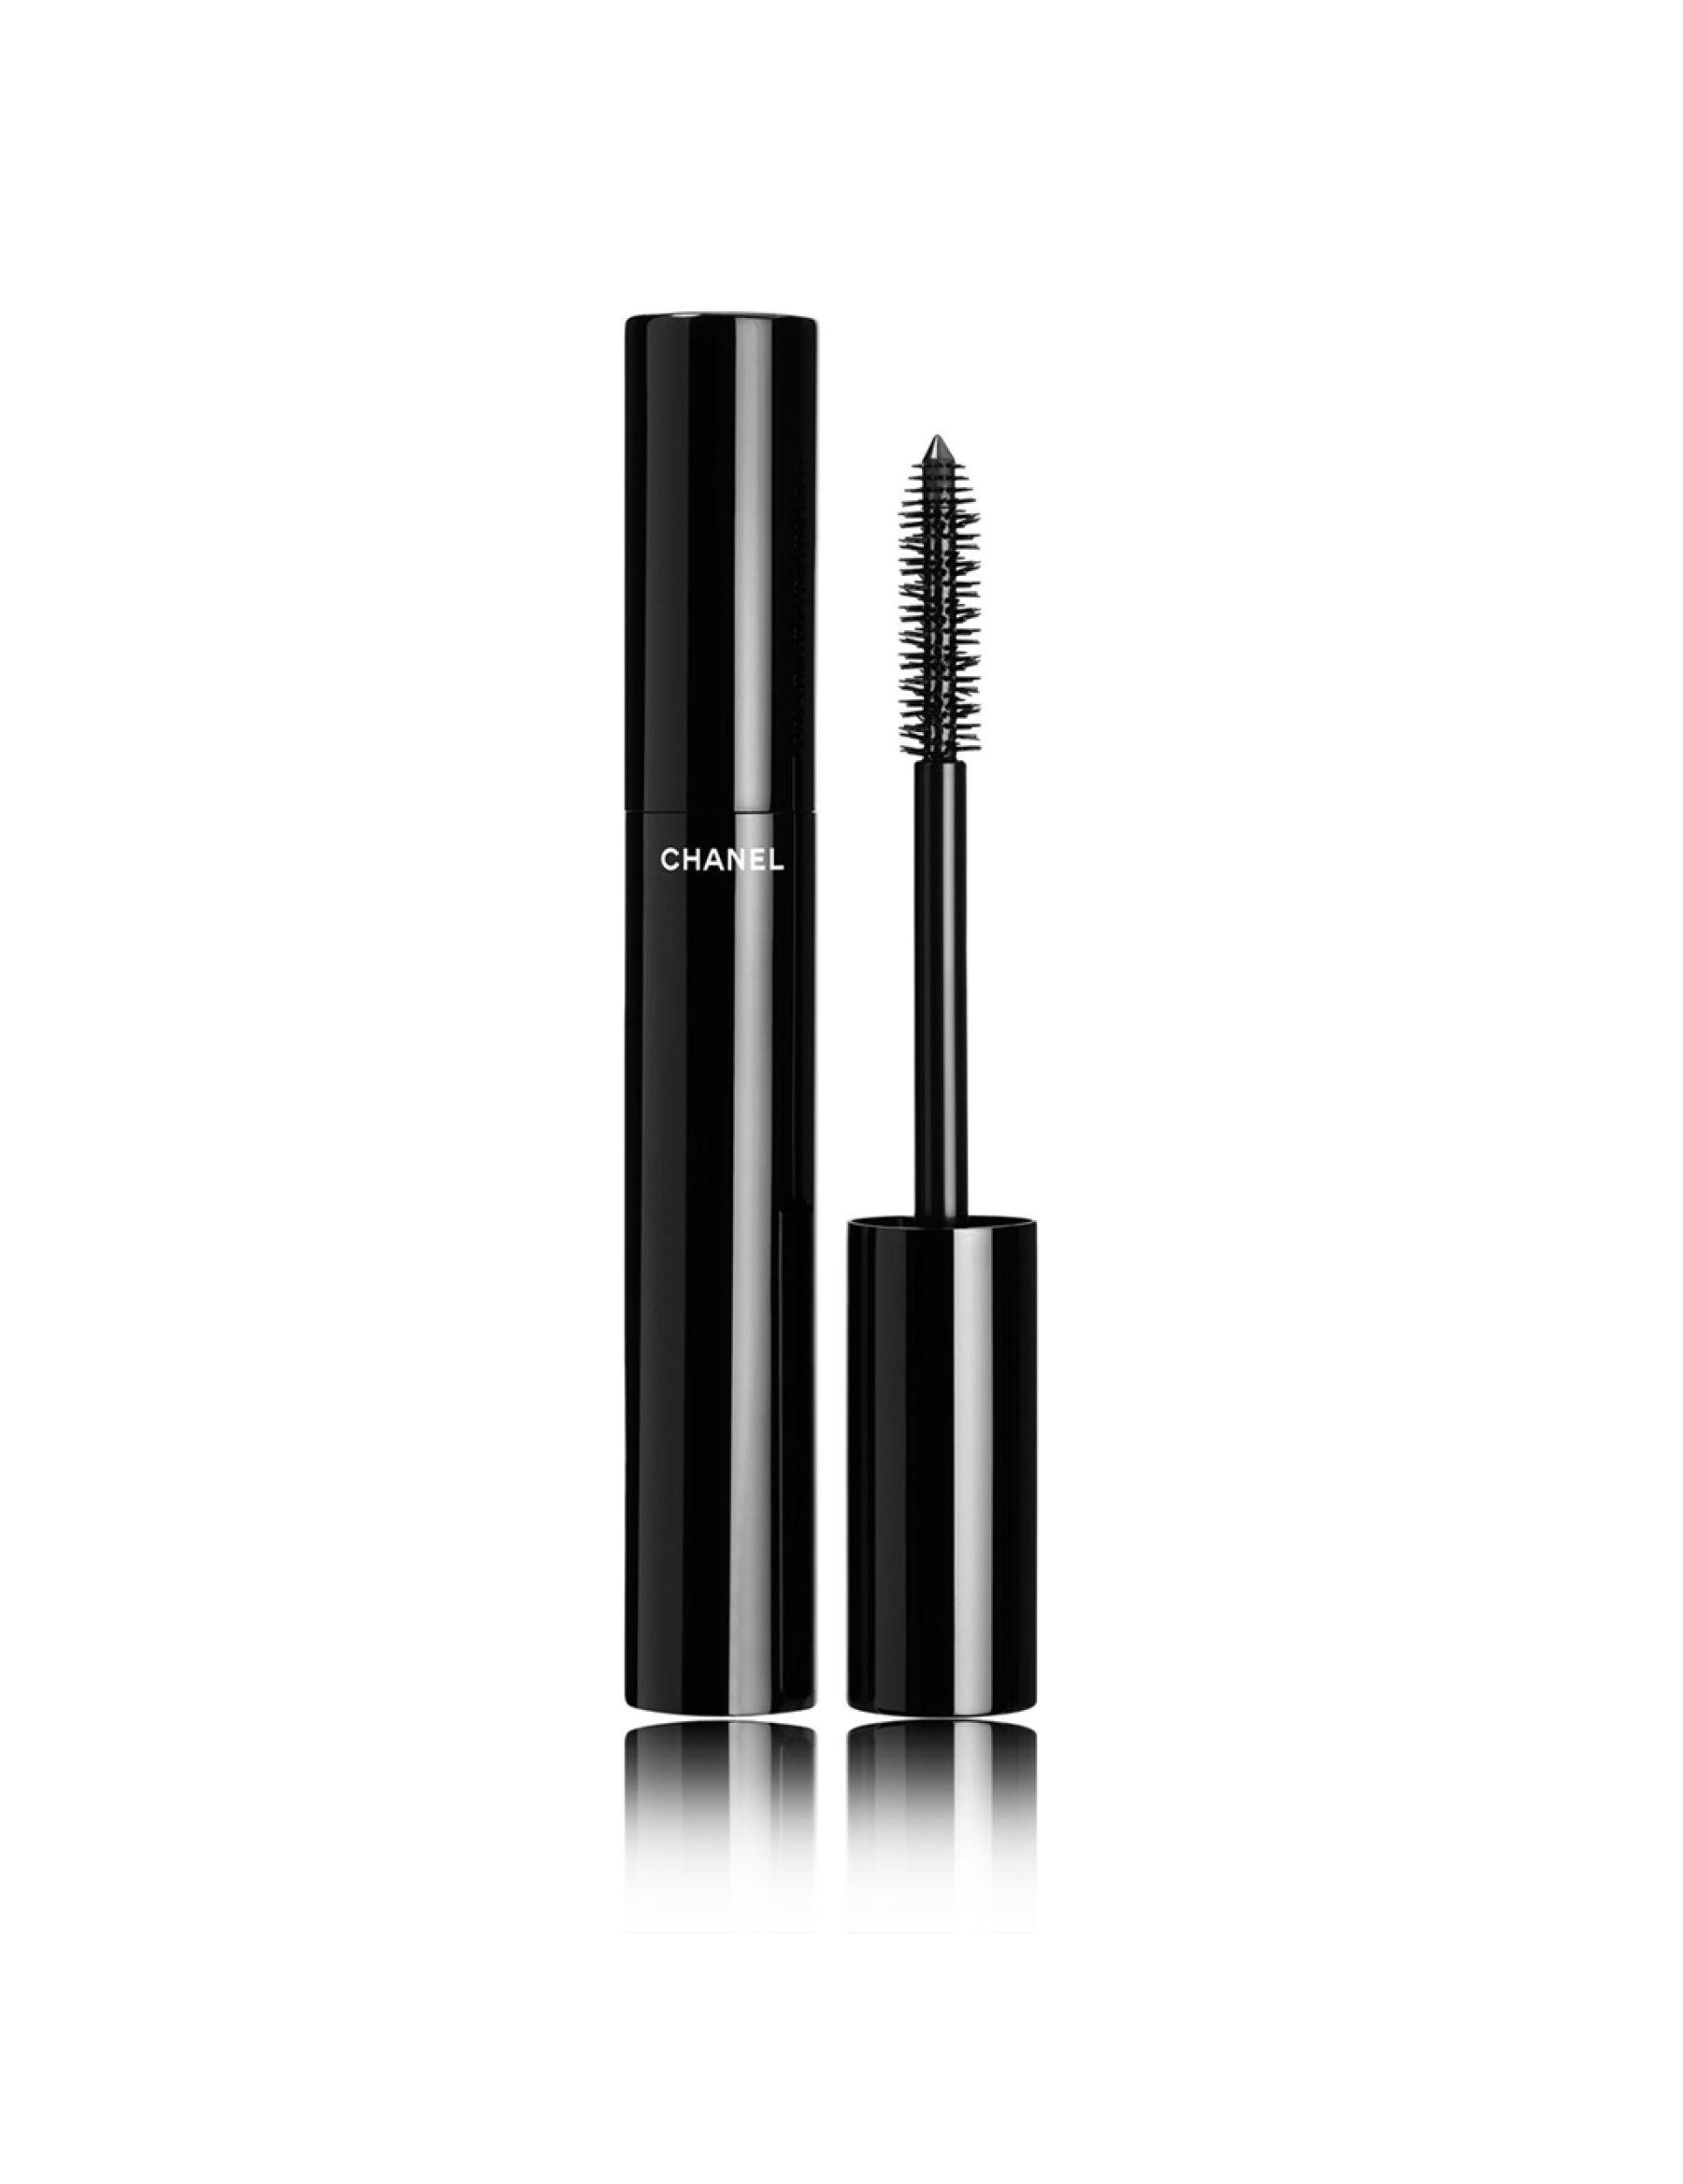 99eaba875b7 David Jones - CHANEL LE VOLUME DE CHANEL Mascara $54 | Hair & beauty ...